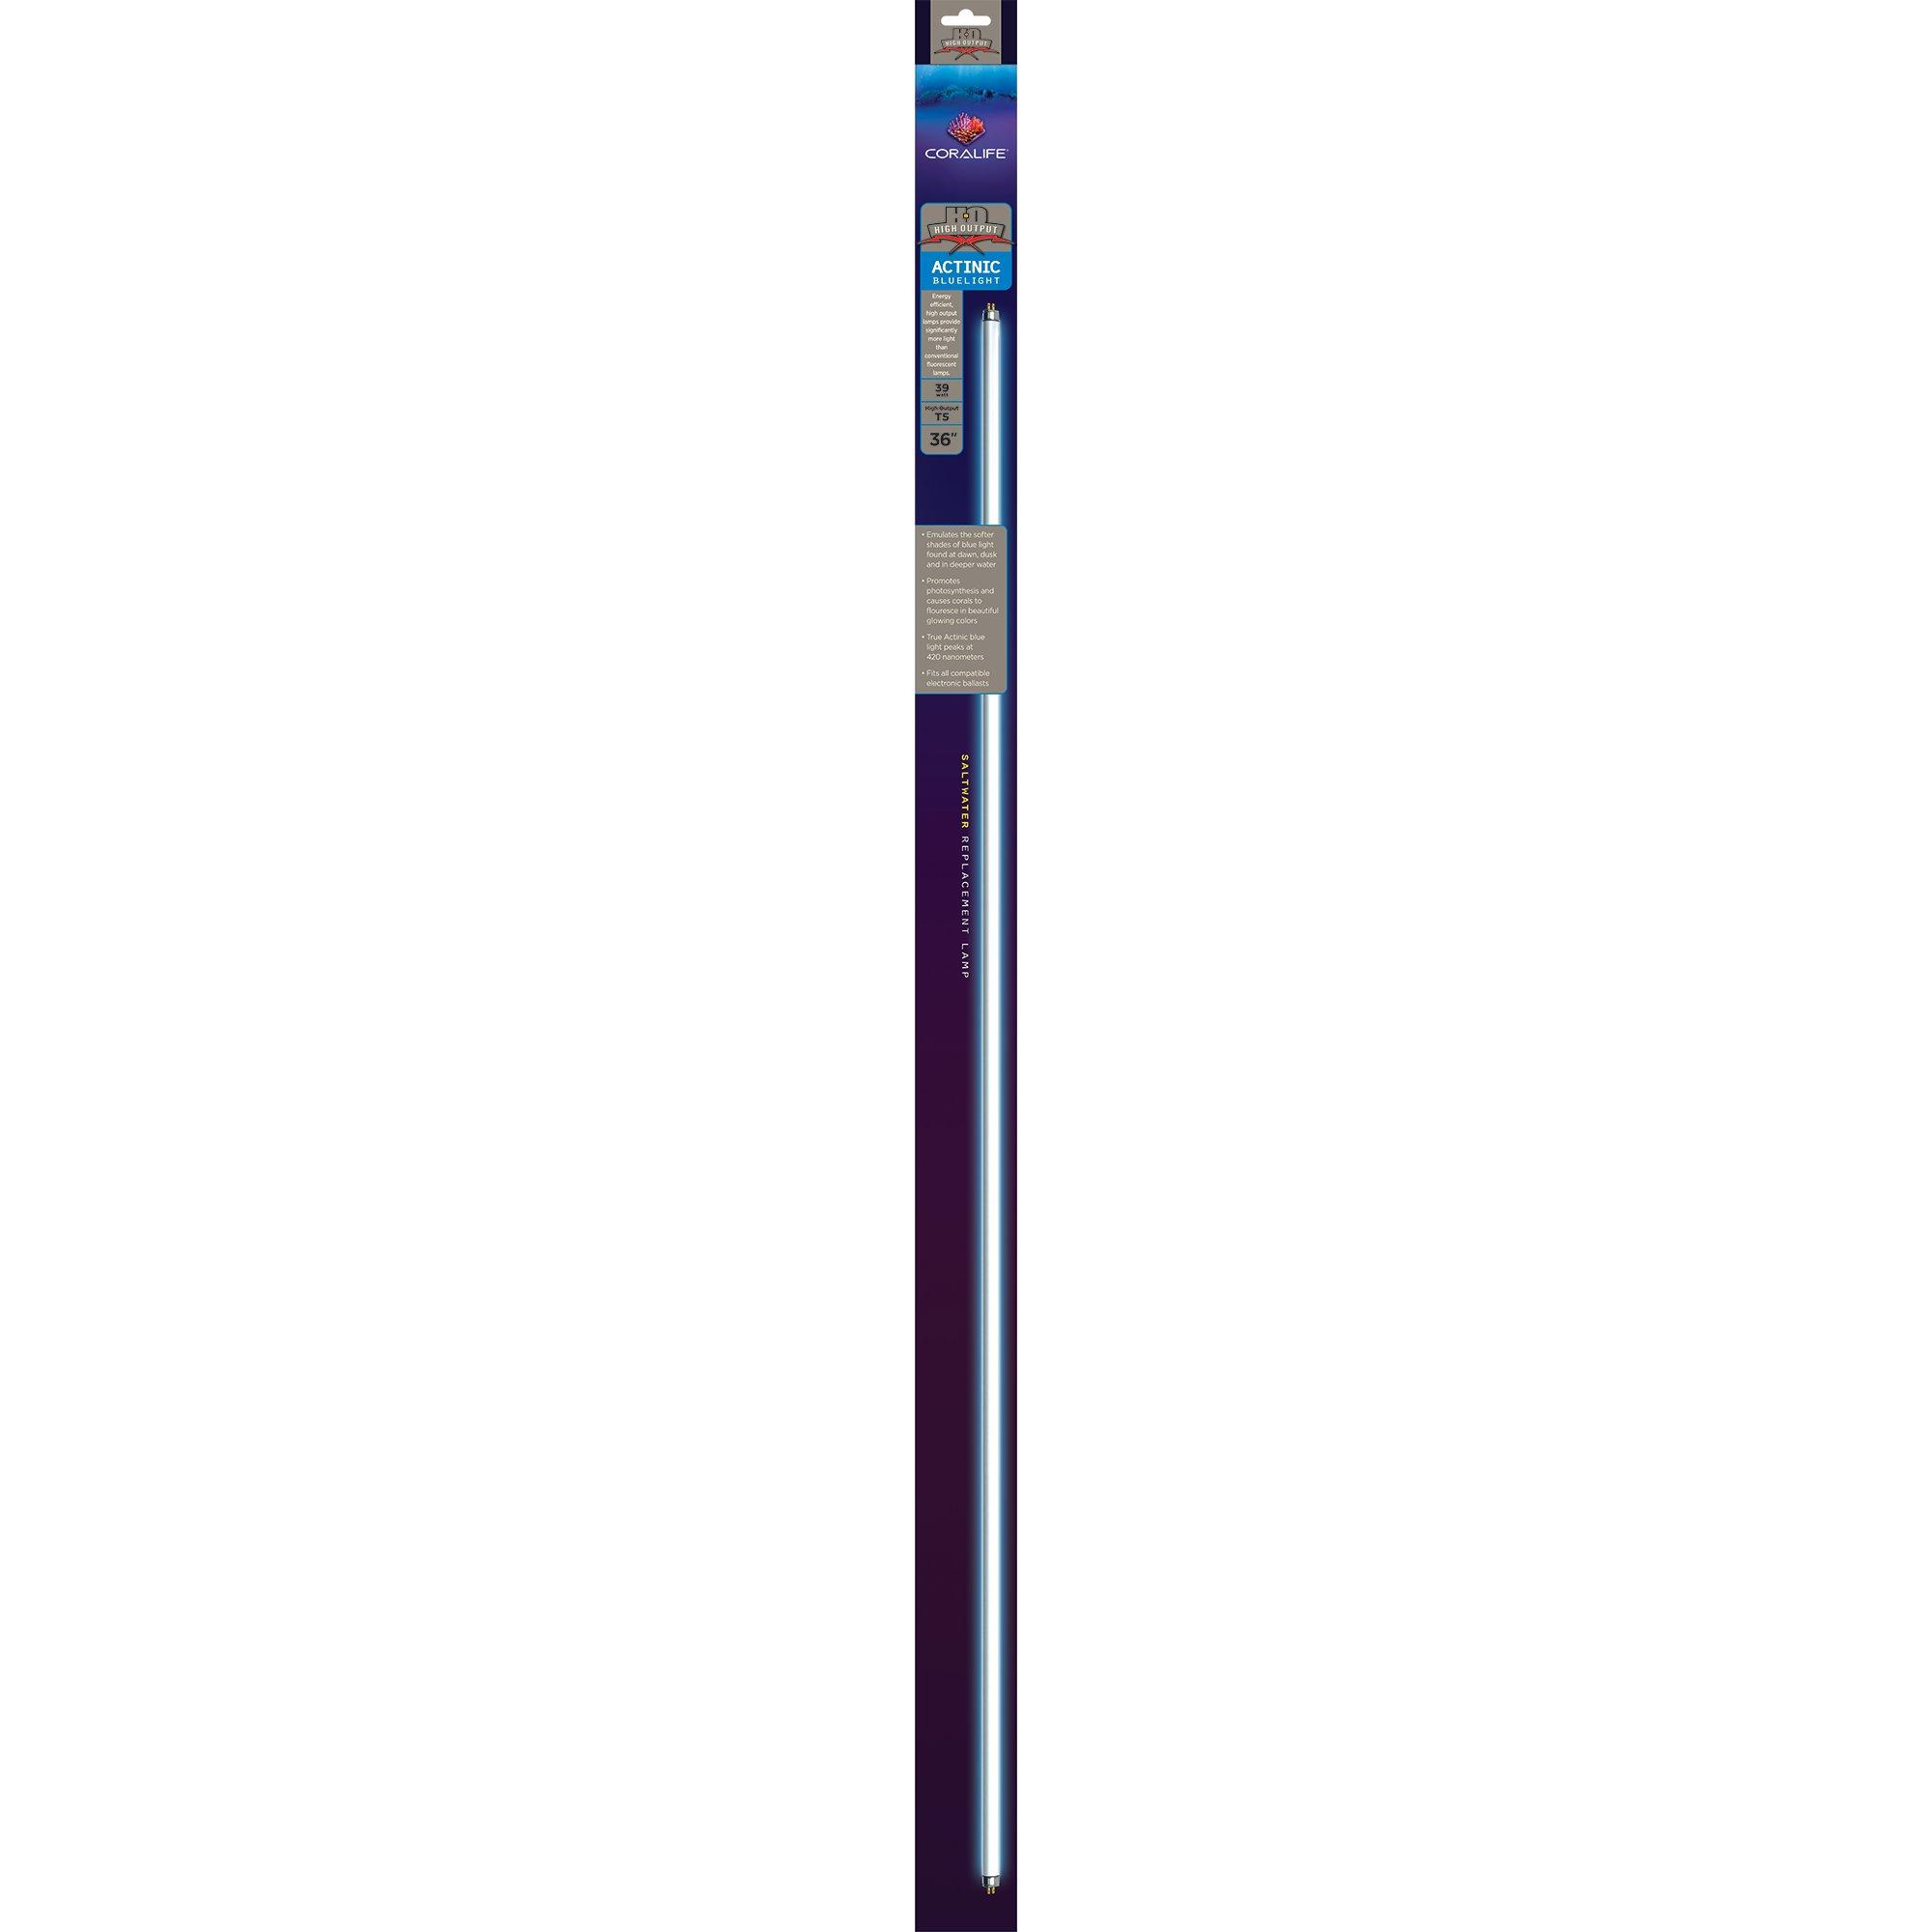 24 T5 Ho Aquarium Light Hood 2x24w Lamp Fixture: Coralife T5 High Output True Actinic Aquarium Lamp